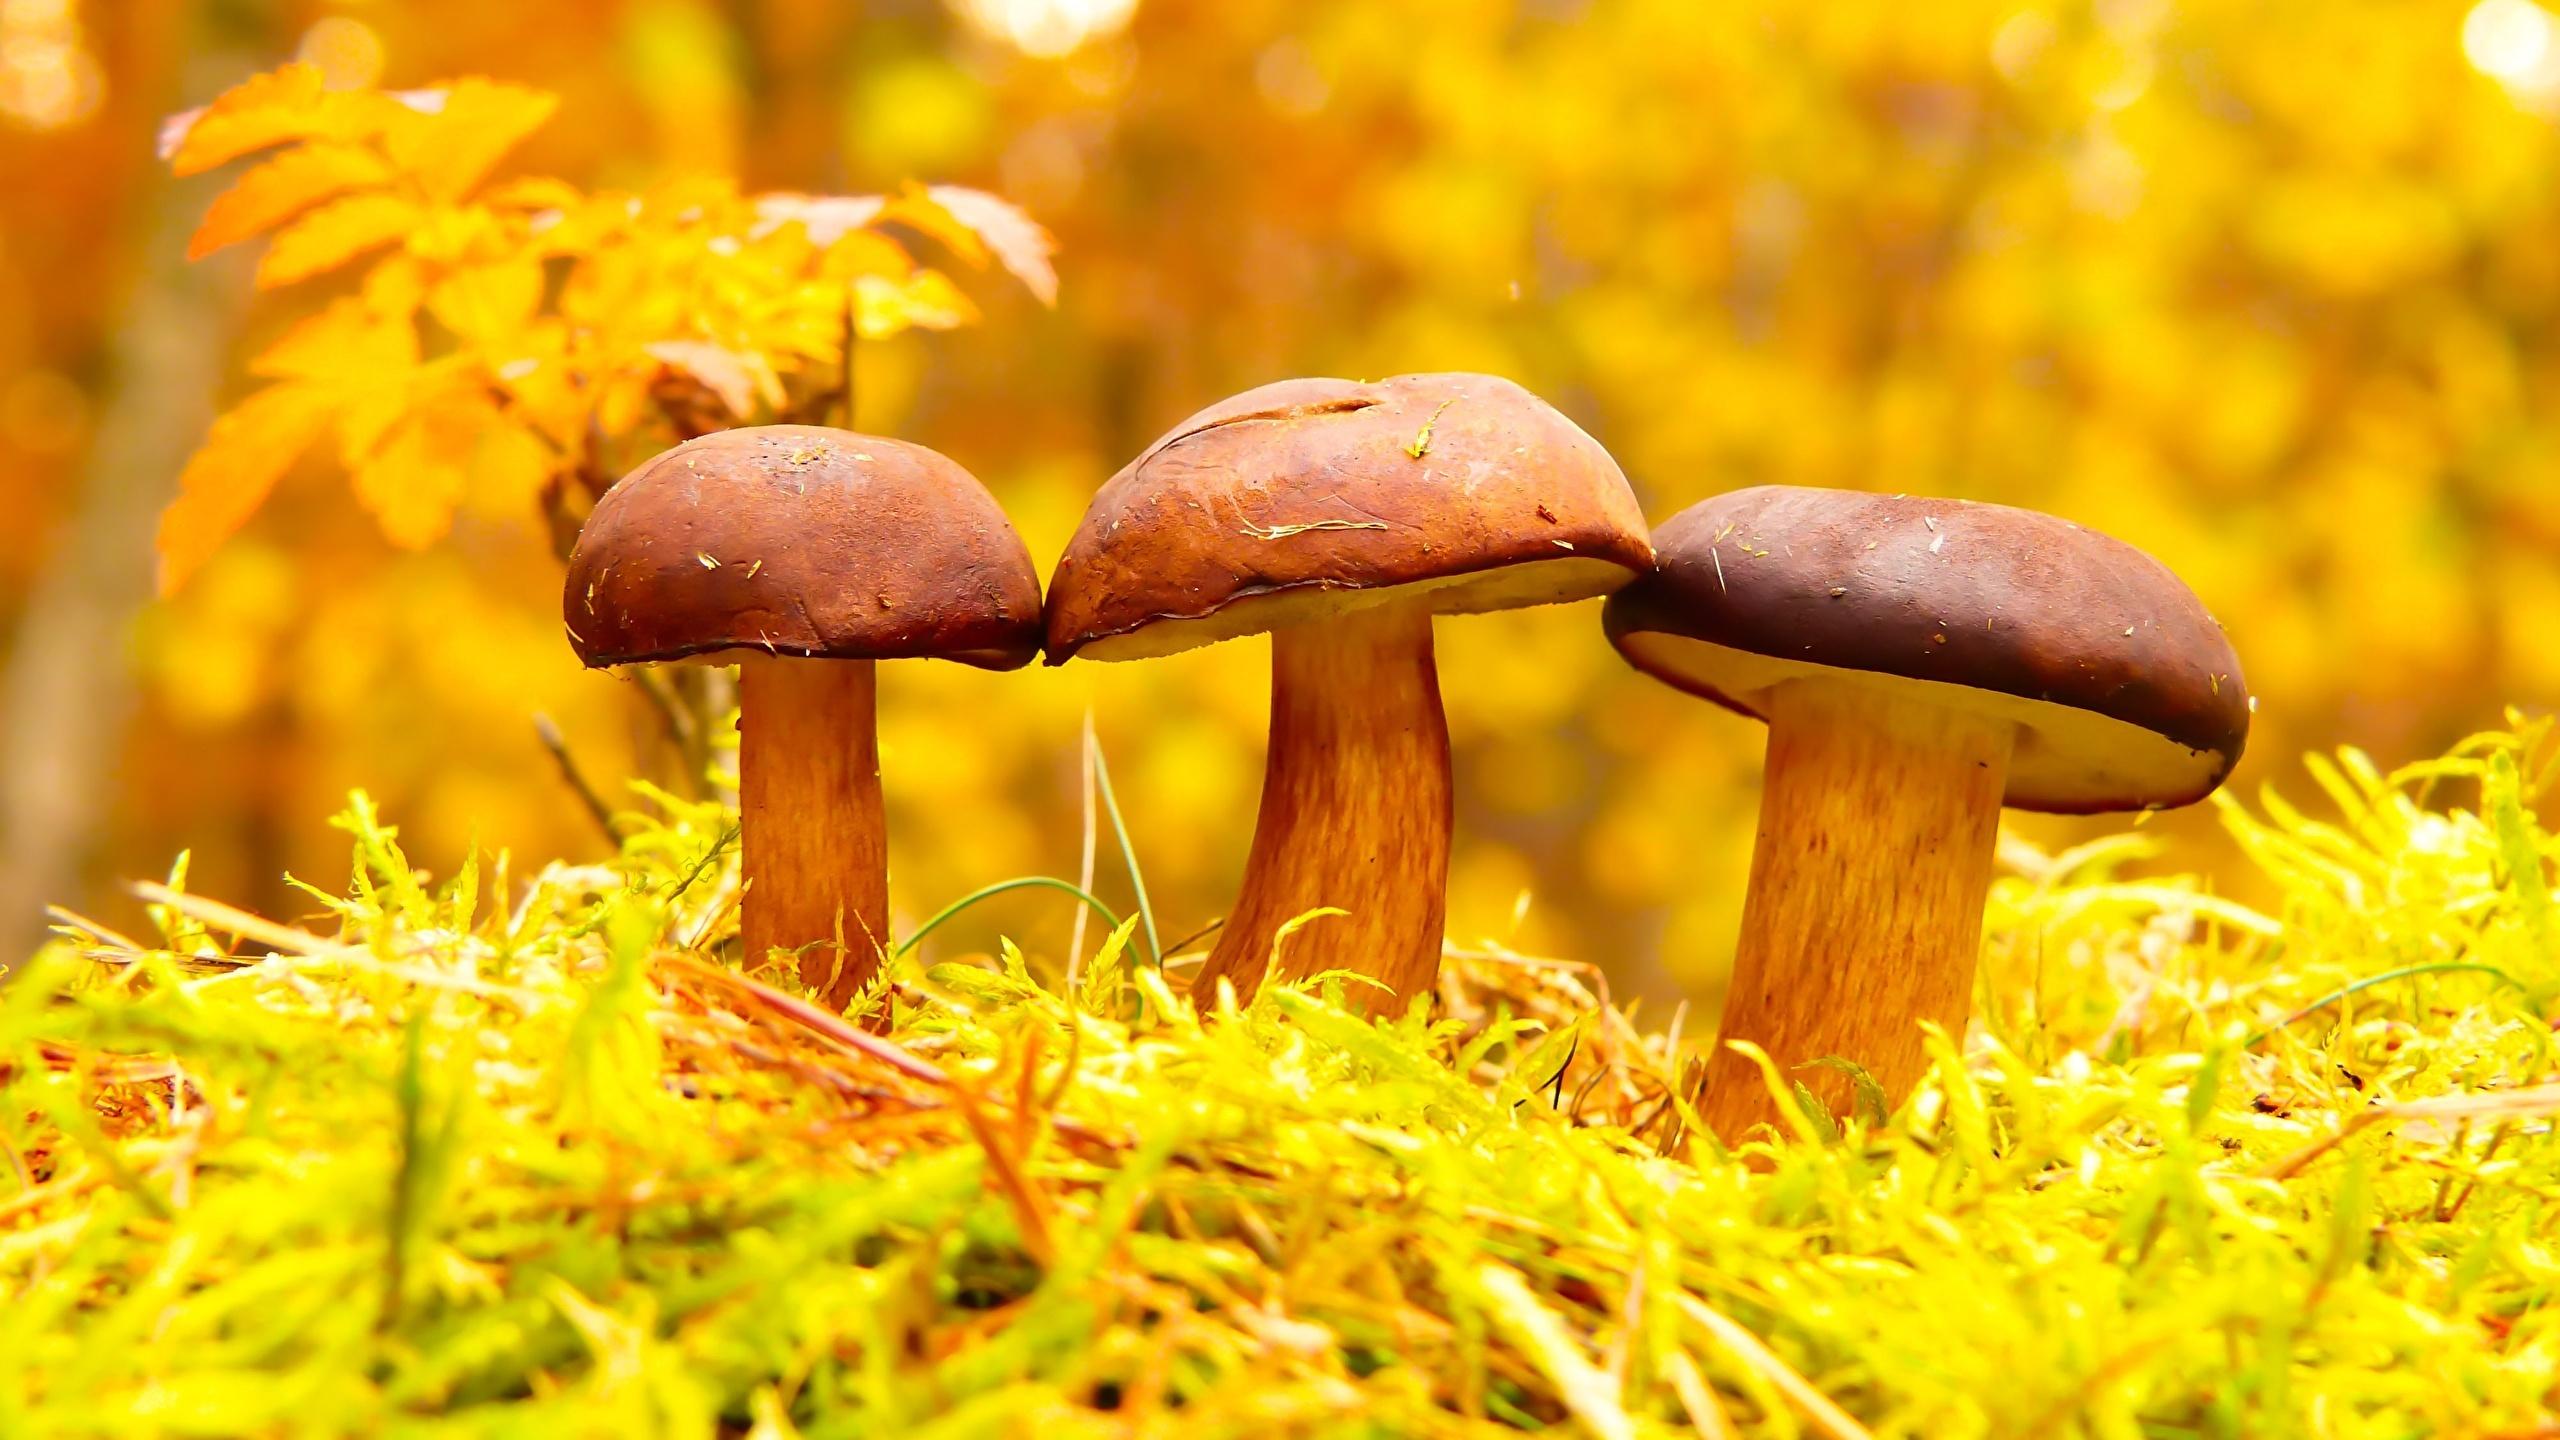 Macro Mushrooms desktop wallpaper free download